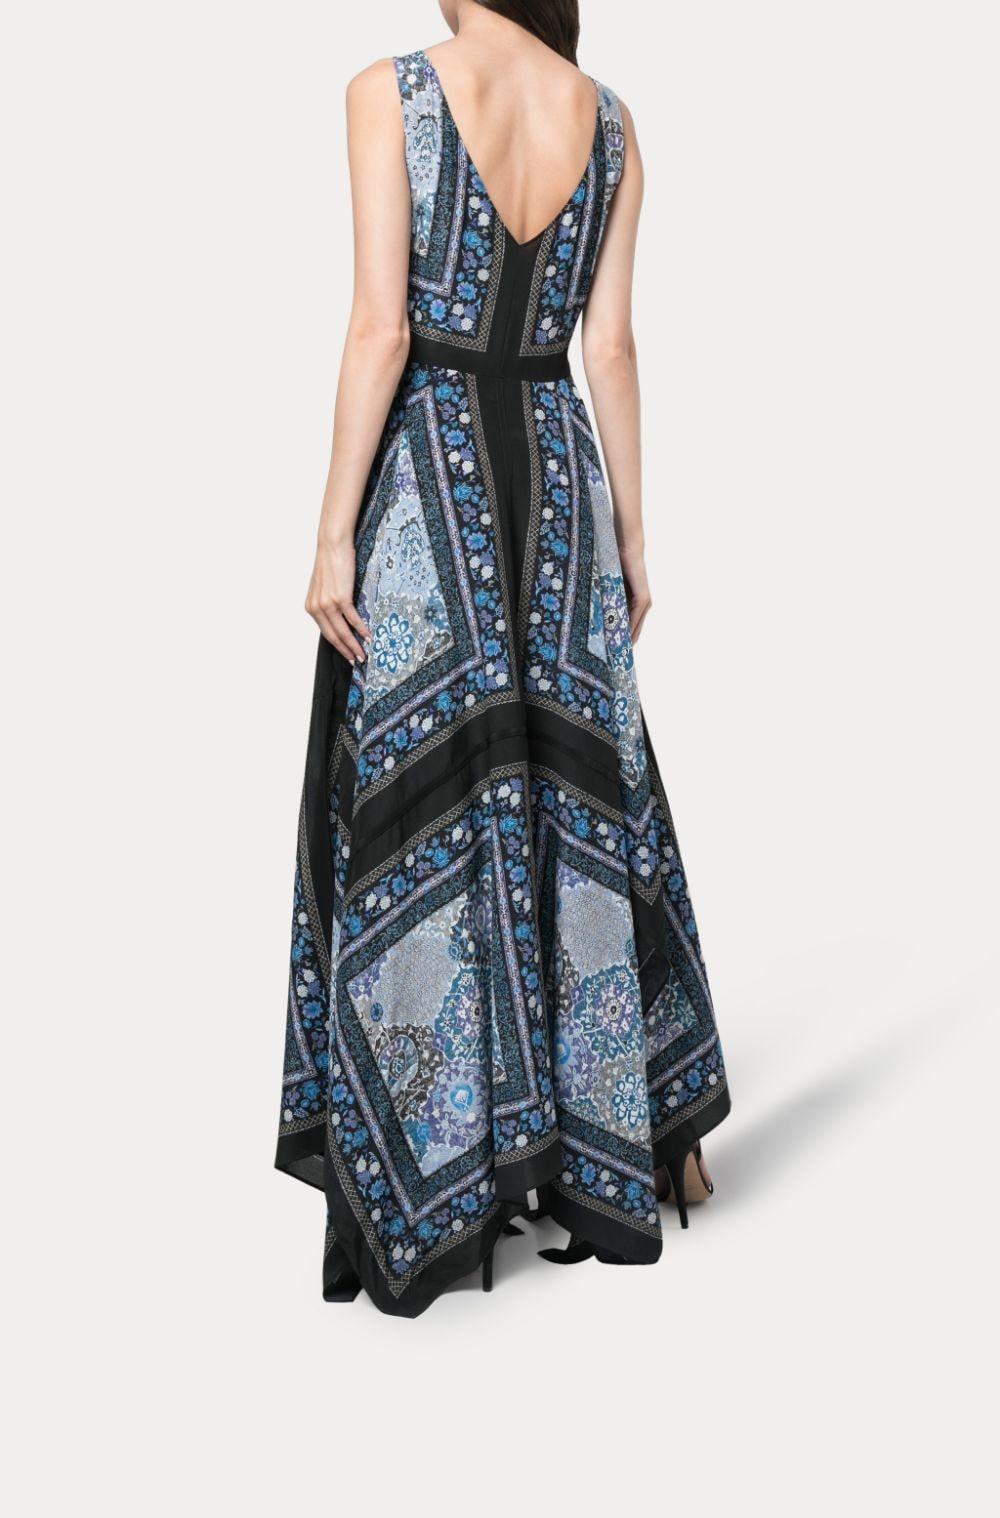 20 Schön Kleid Mit Blumen BoutiqueAbend Luxurius Kleid Mit Blumen Spezialgebiet